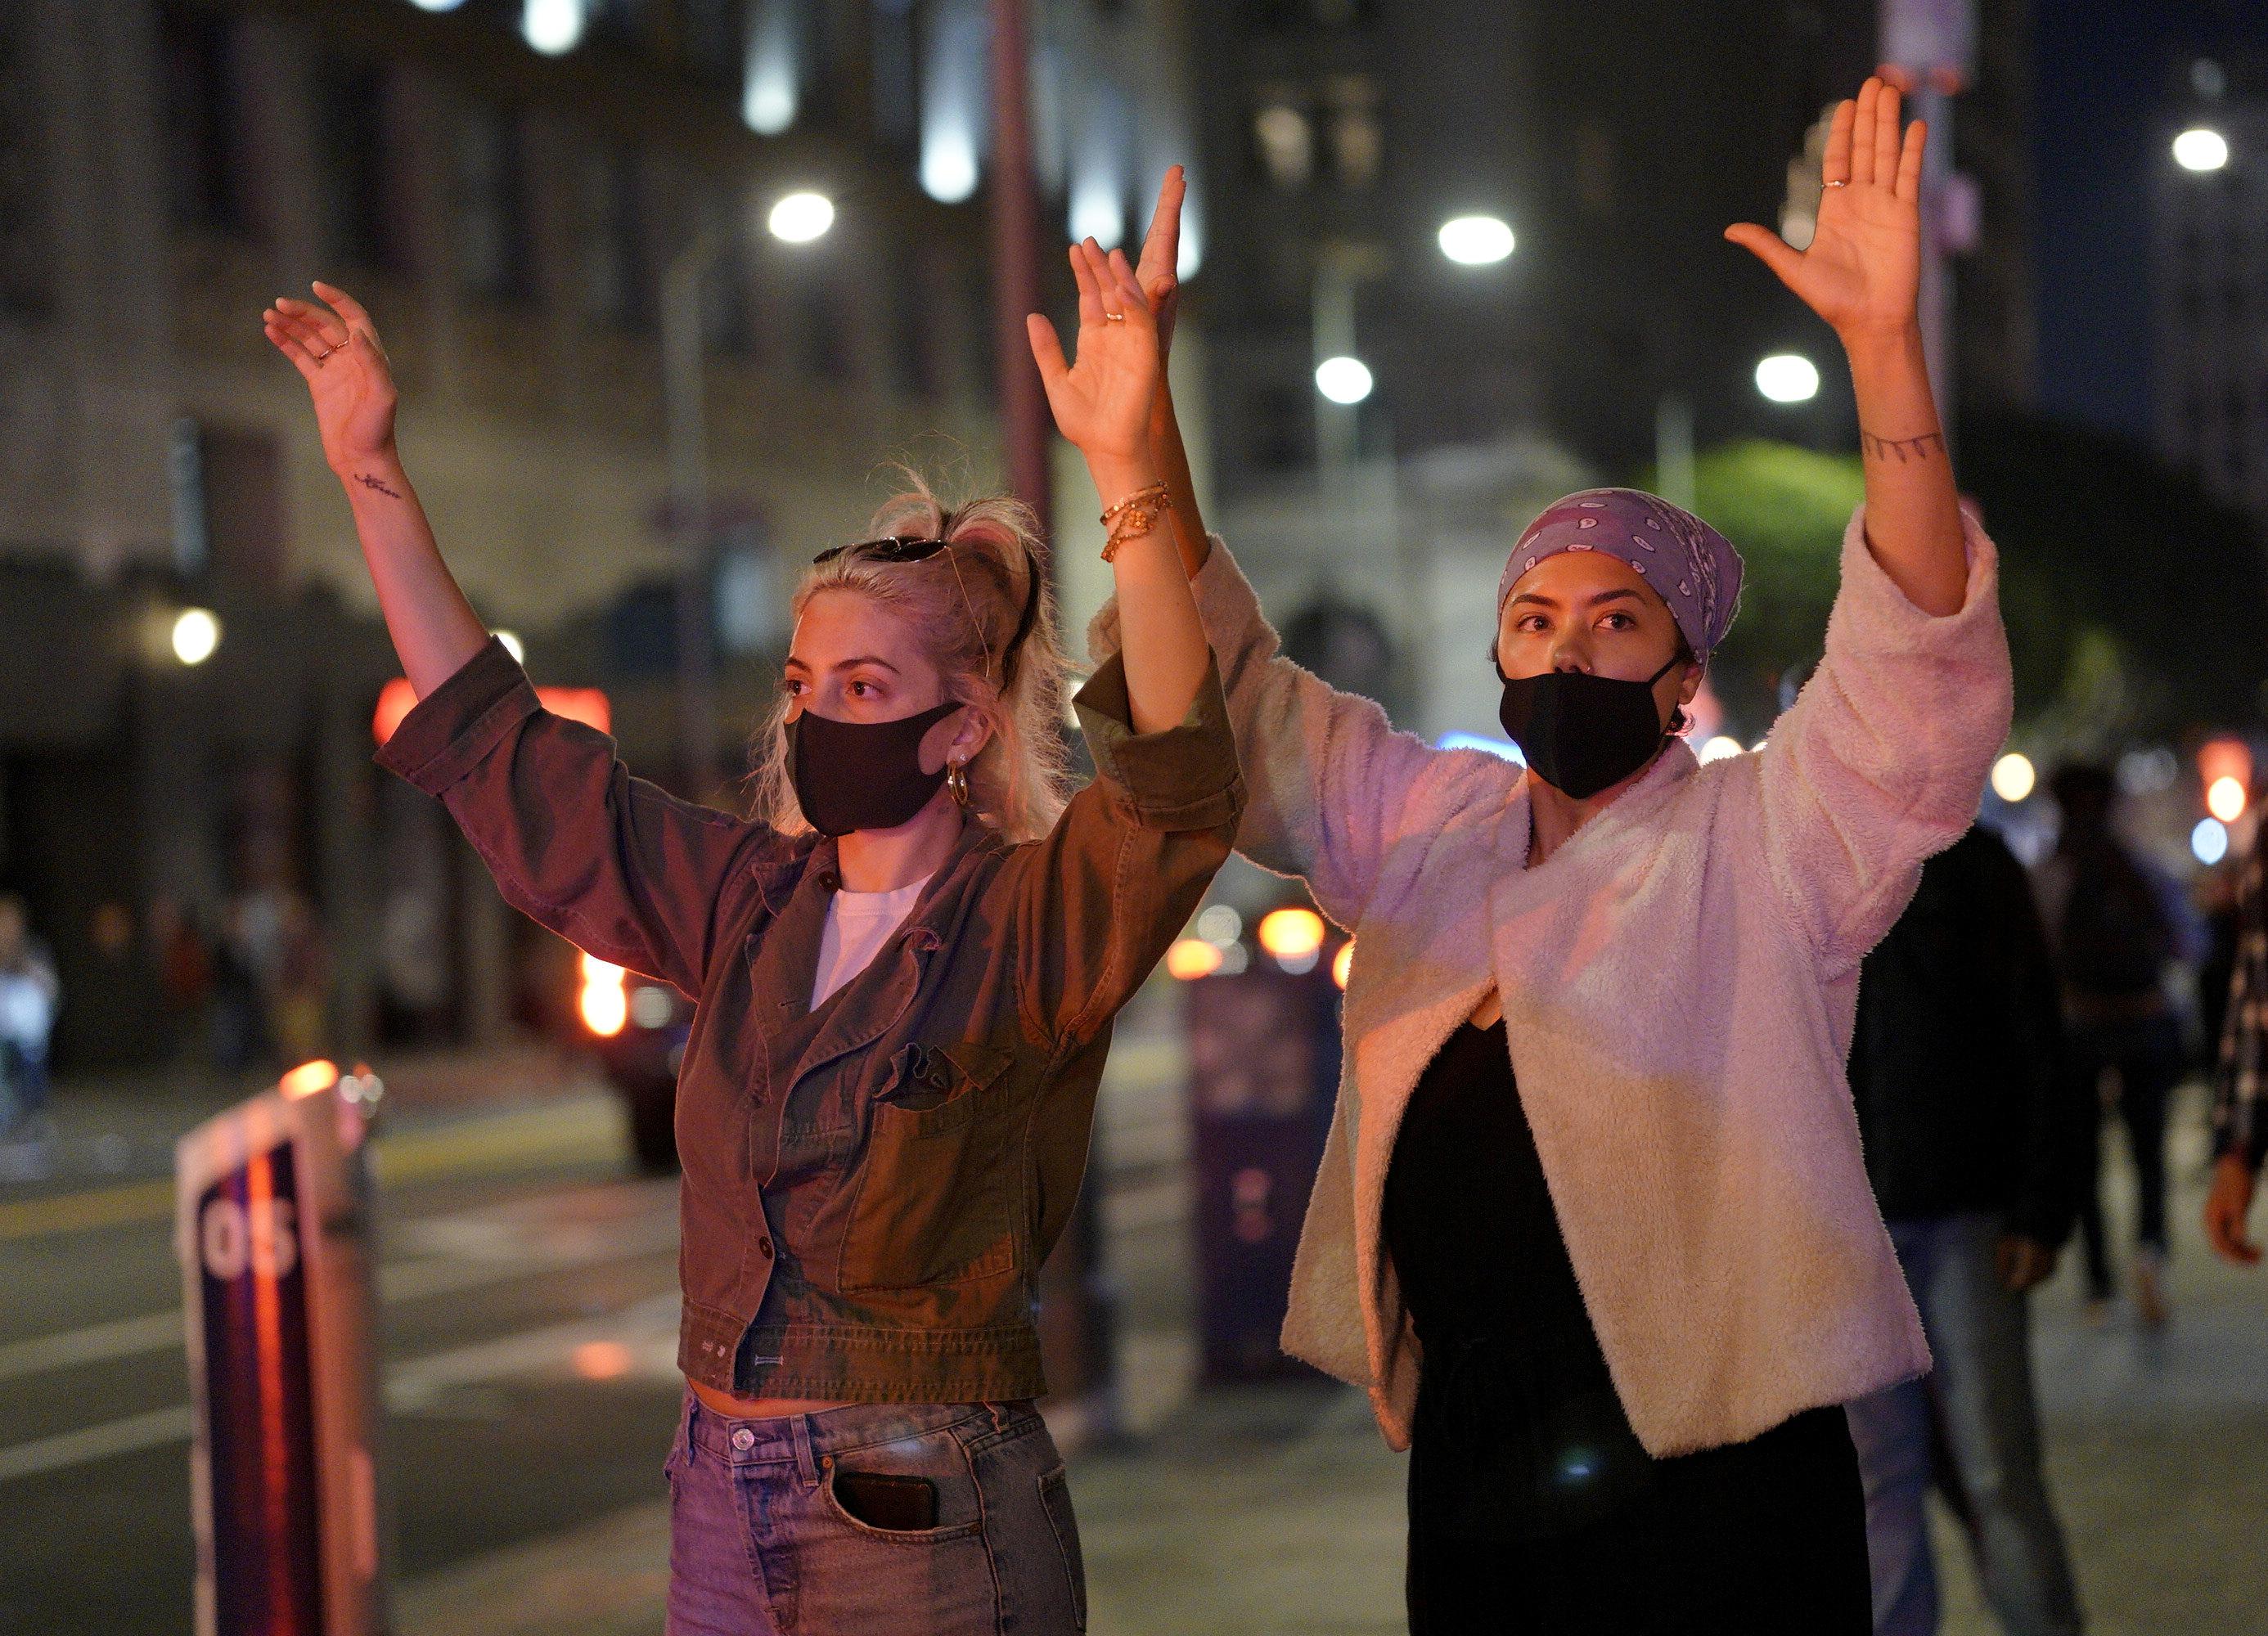 Mujeres con las manos en alto frente a la policía en Los Angeles